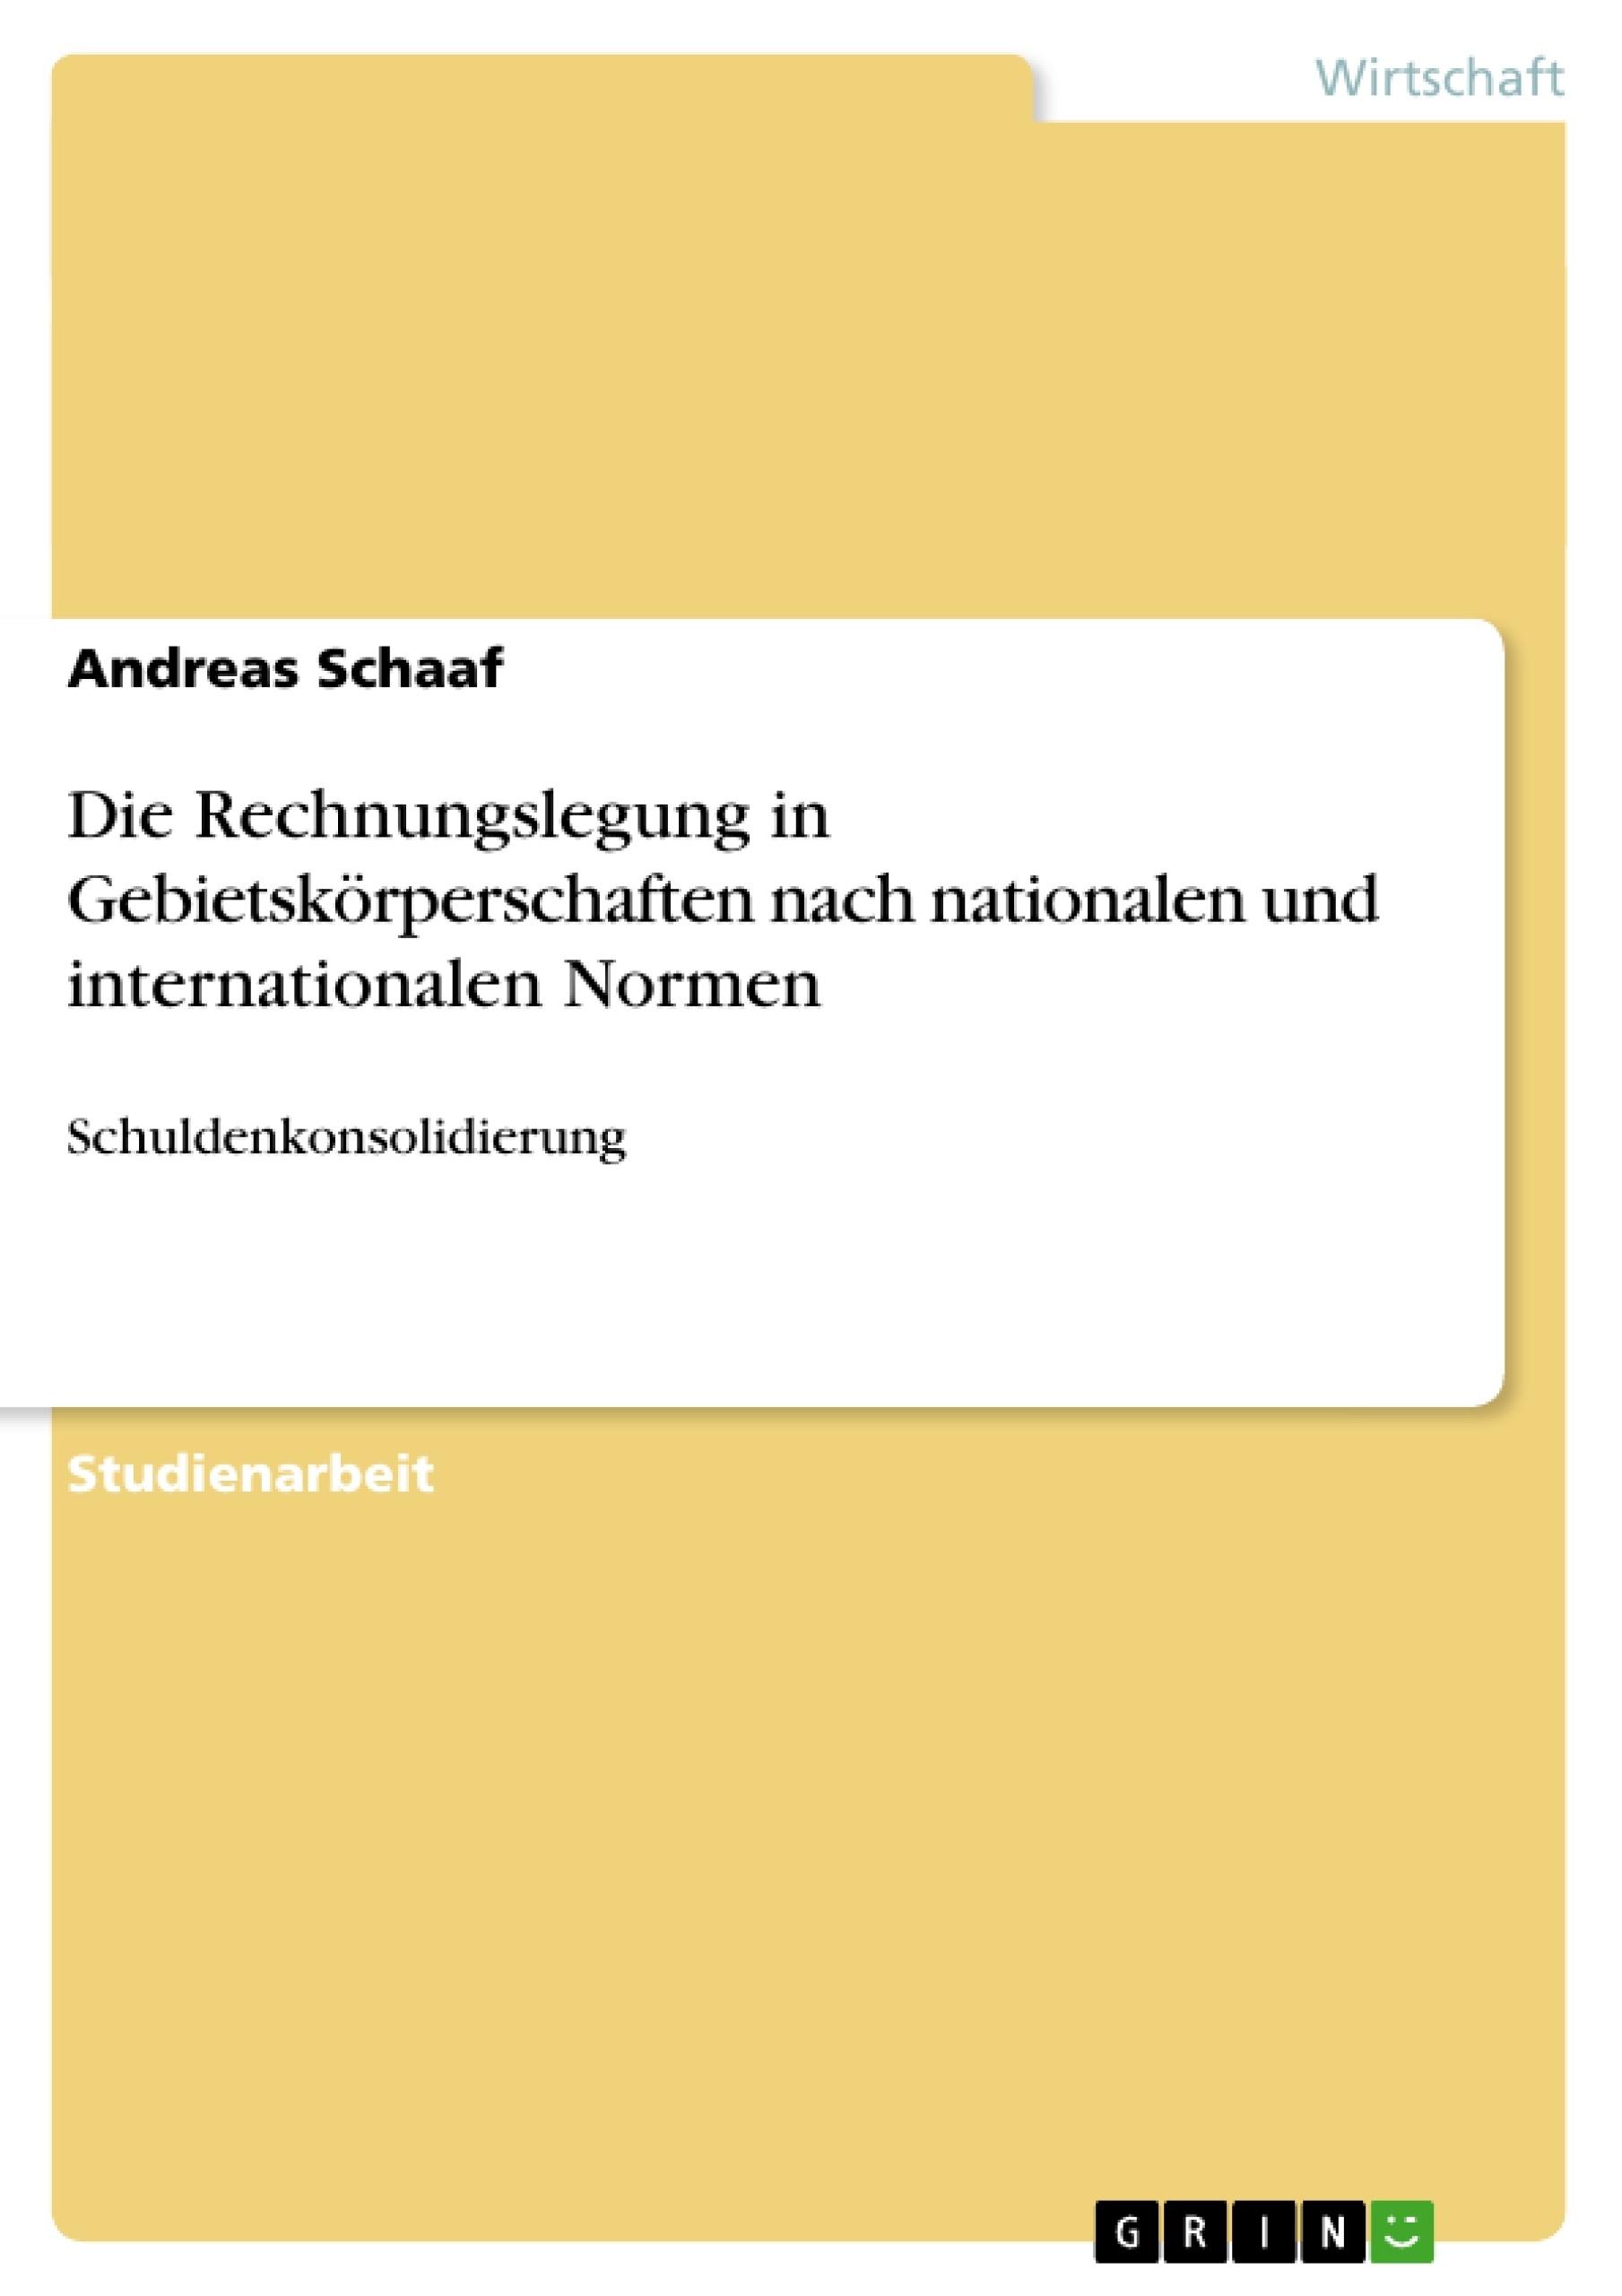 Titel: Die Rechnungslegung in Gebietskörperschaften nach nationalen und internationalen Normen